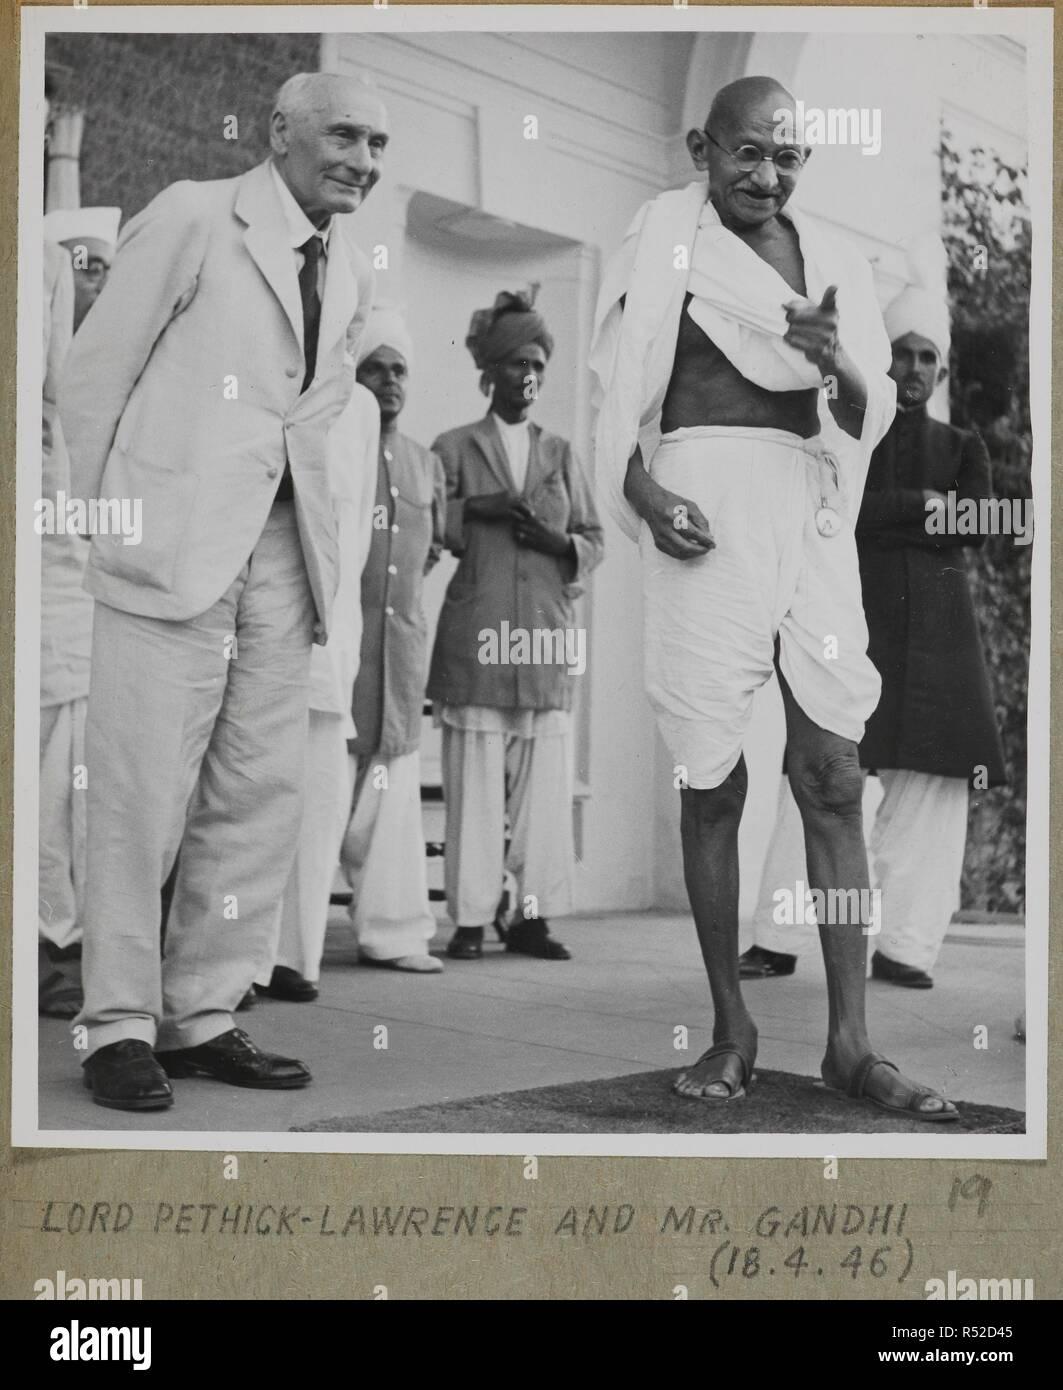 Seigneur Pethick-Lawrence et M. Gandhi. Joyce Collection: Cabnet Mission en Inde - 1946 - volume II. L'Inde 18 avril 1946. Source: Photo 134/2(19). Auteur: Bureau international d'information de presse. Banque D'Images